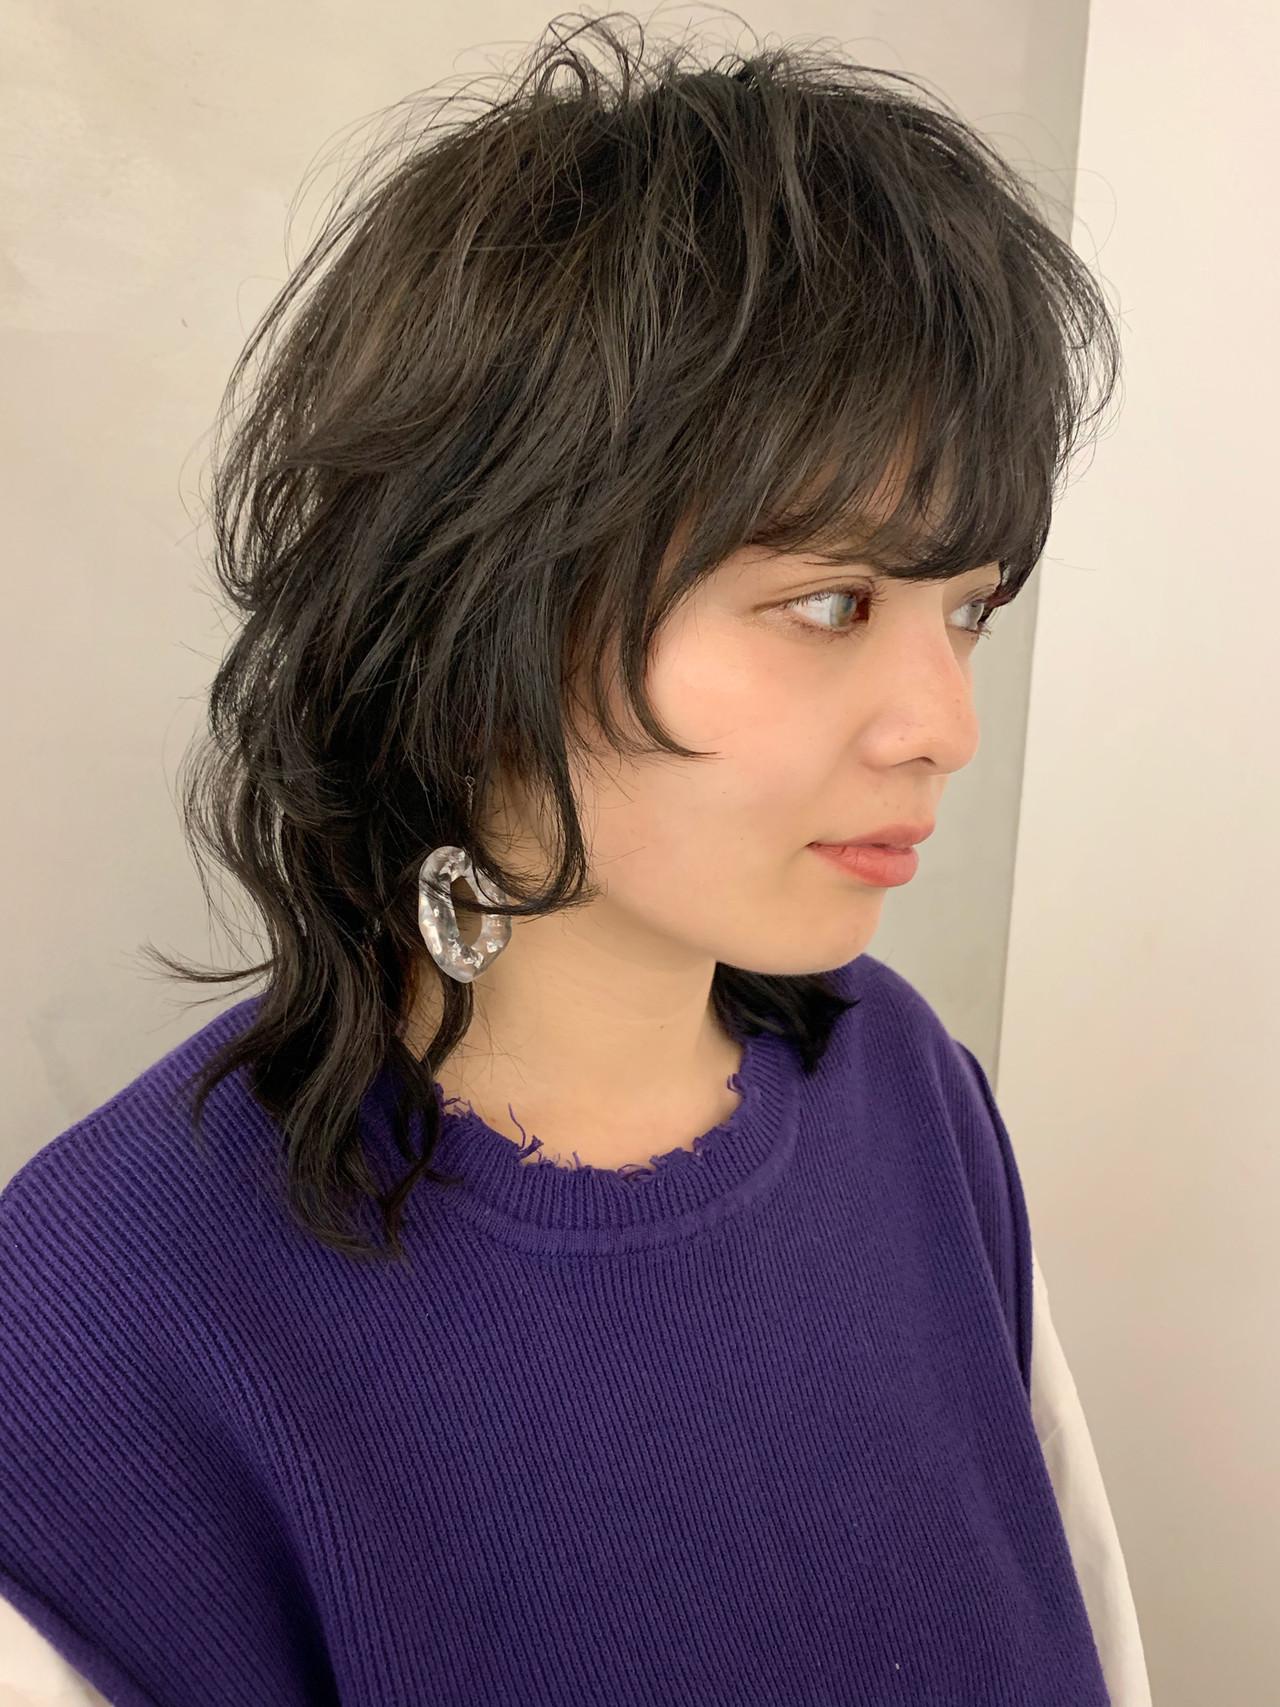 マッシュウルフ ネオウルフ ストリート ウルフカット ヘアスタイルや髪型の写真・画像